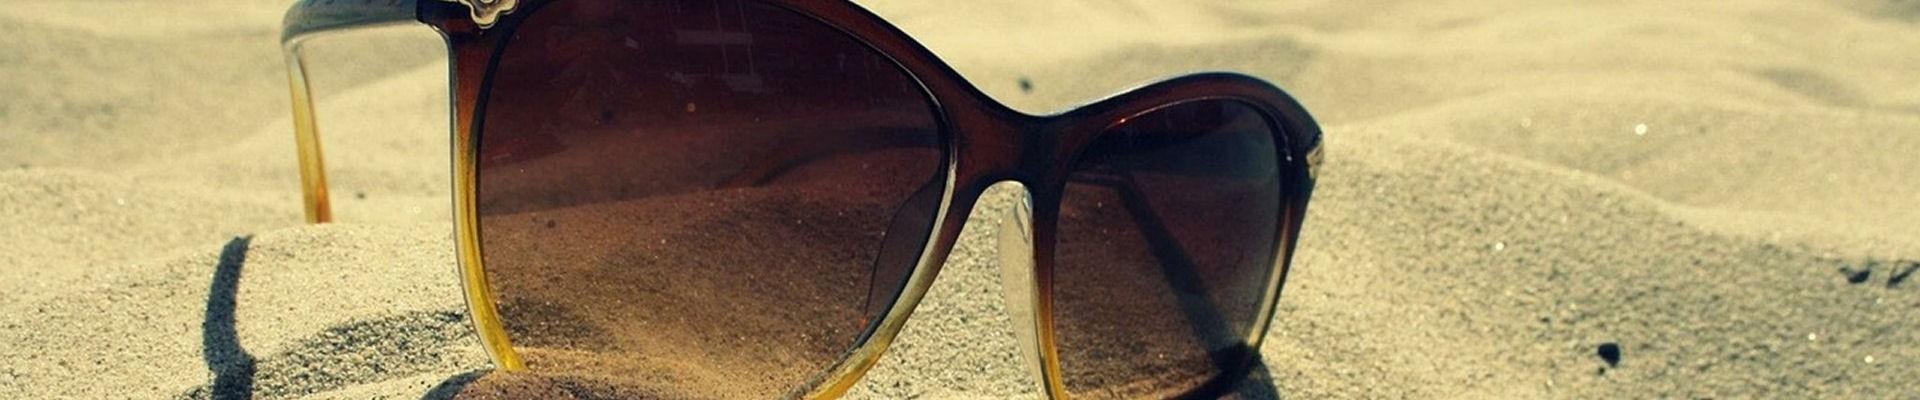 Plage de la Couronne - sable blanc - Lunette de Soleil - Martigues